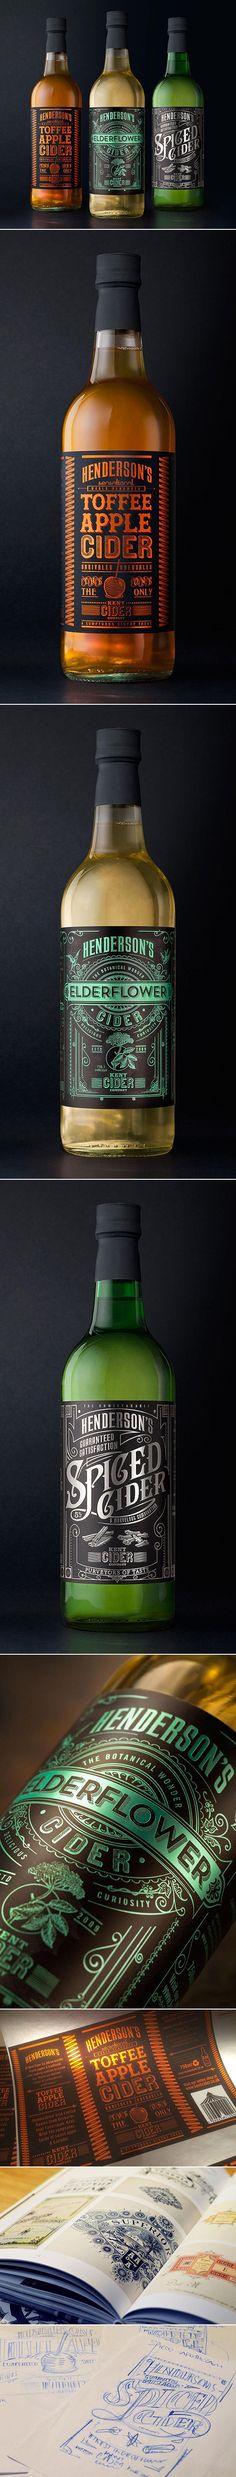 Lovely Package - Henderson's Cider